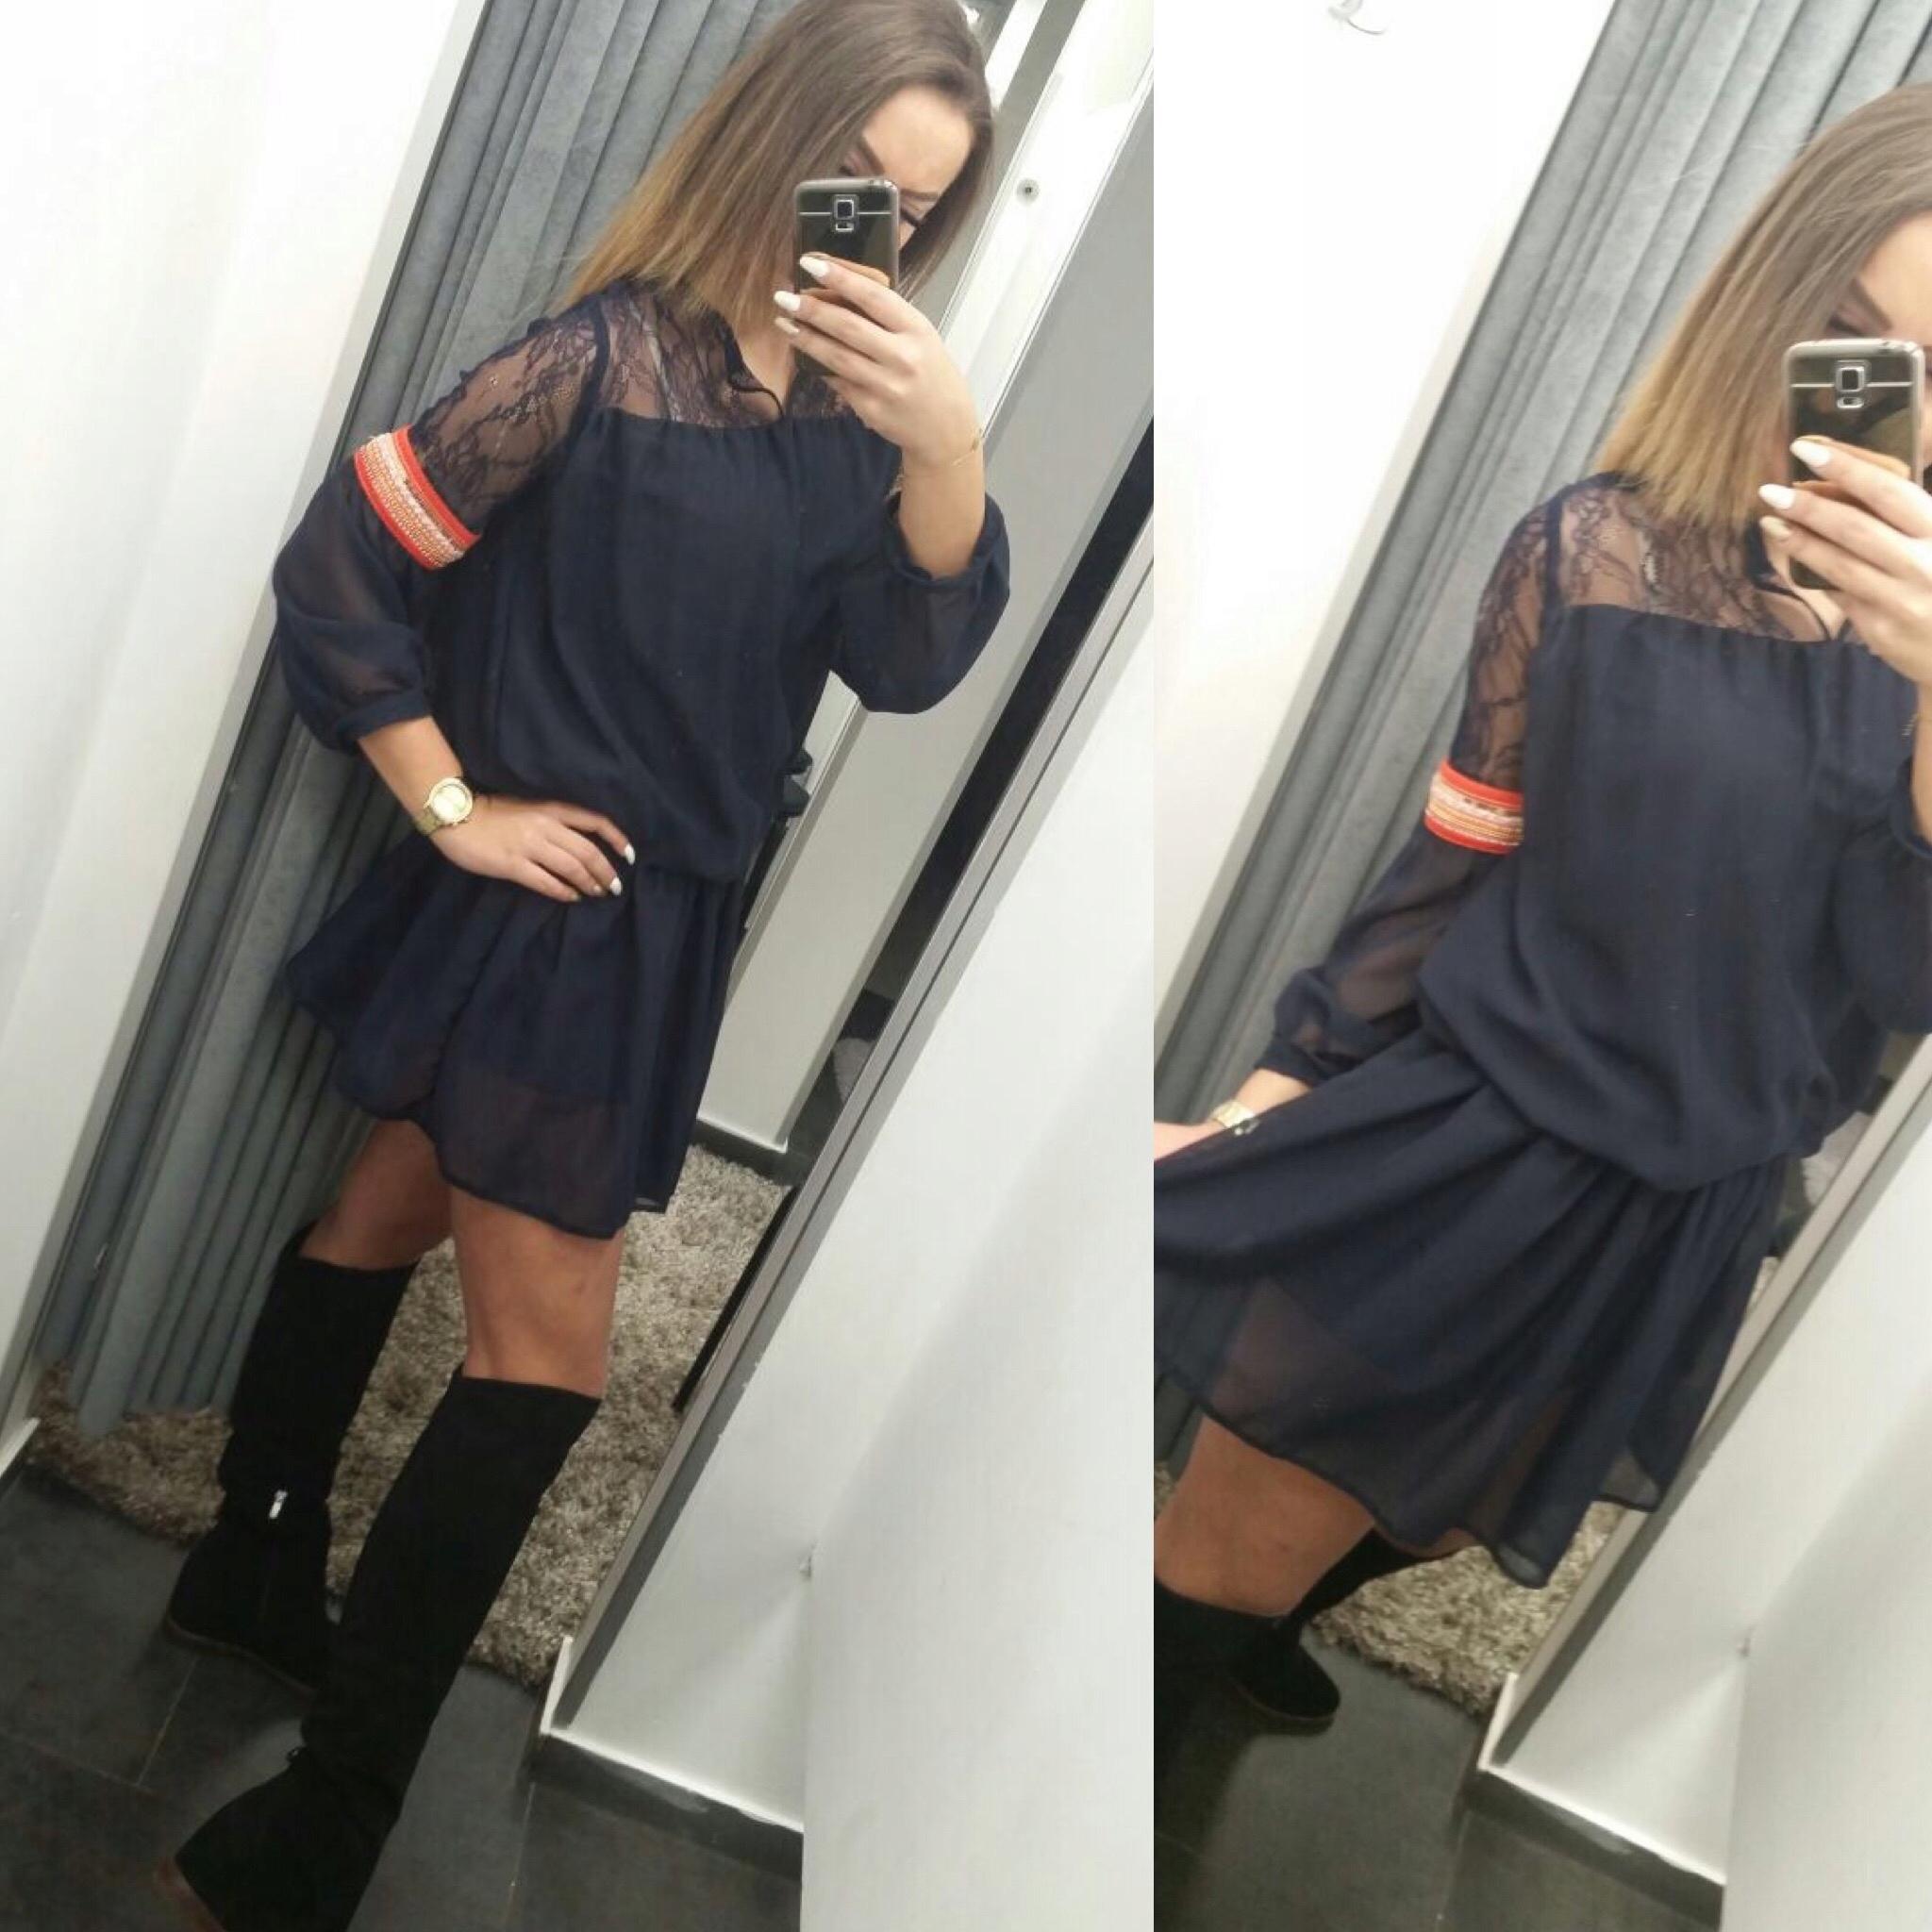 b8cb8785 Sukienka By o la la rozm S NOWA - 7408329958 - oficjalne archiwum ...